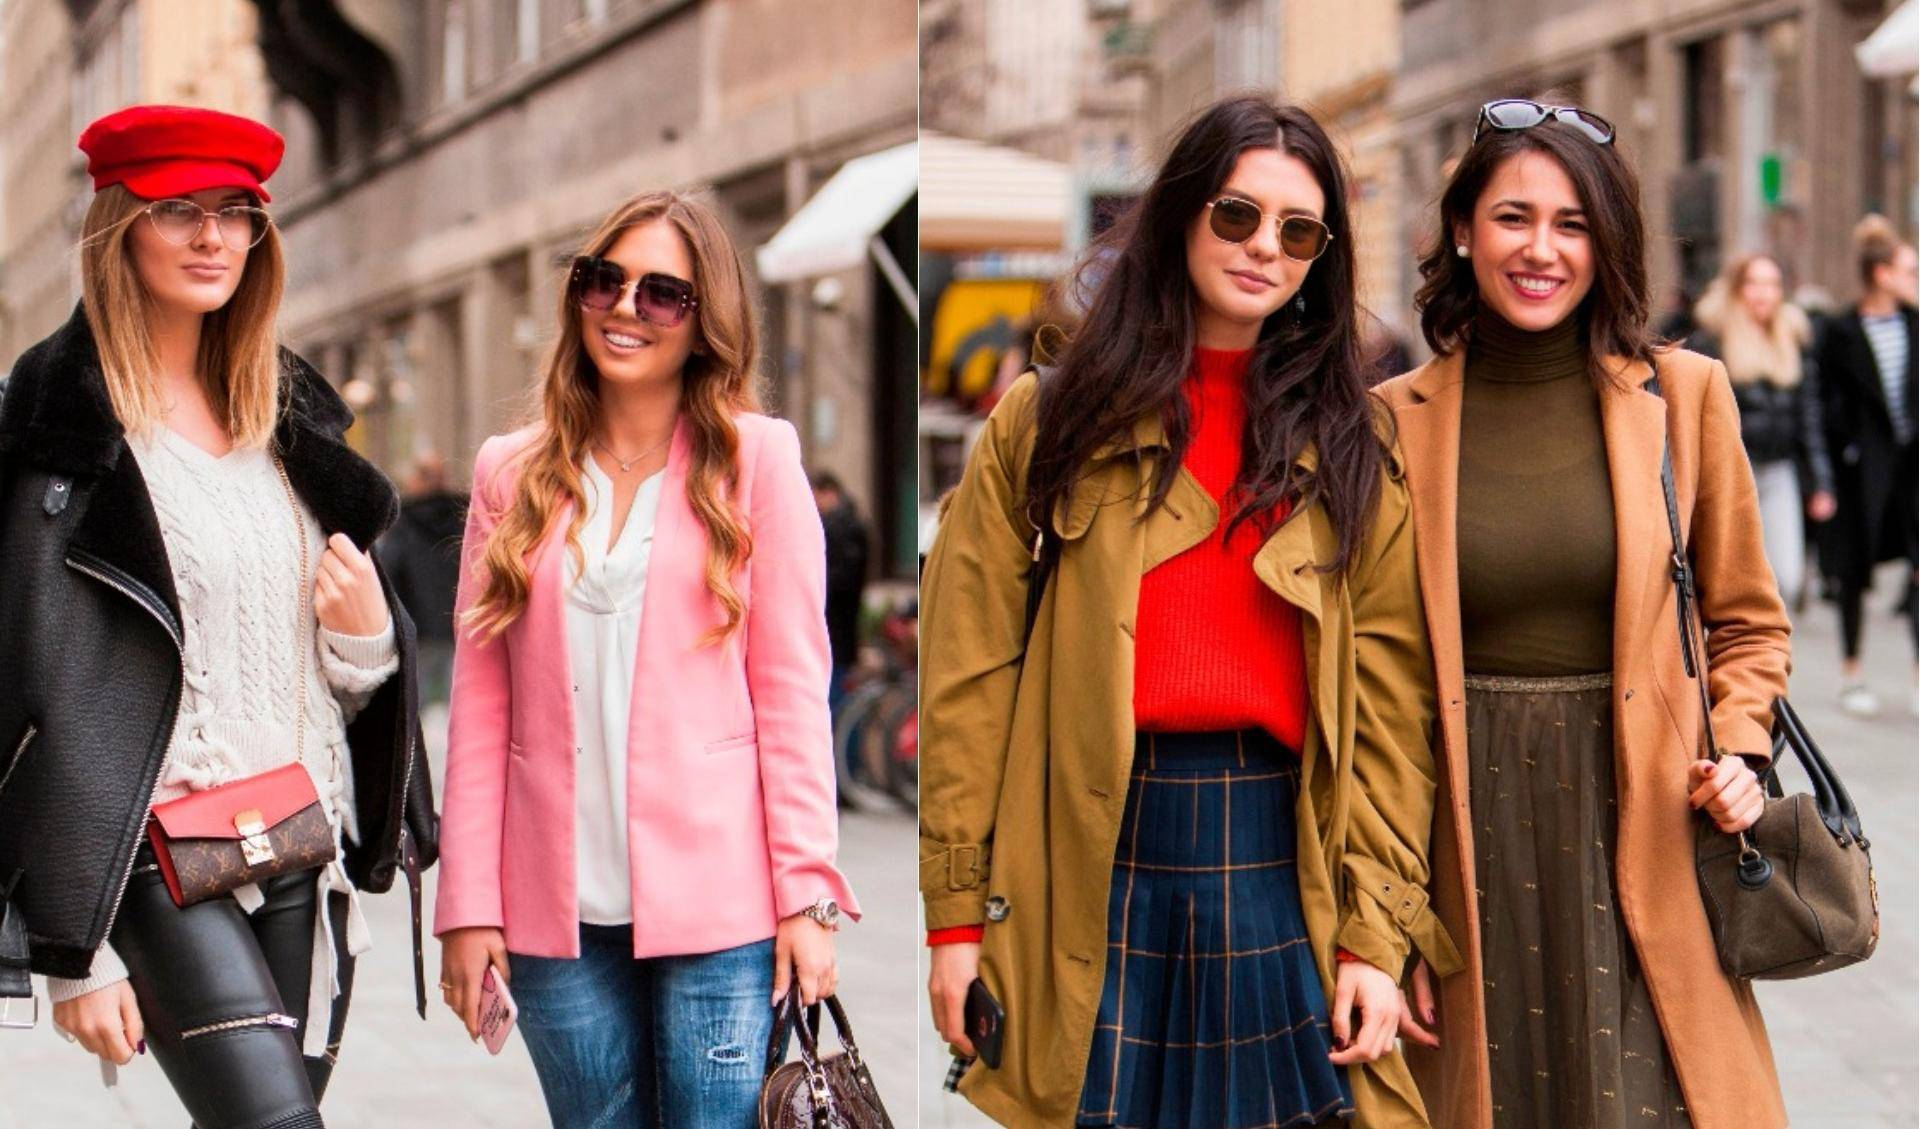 Moda u tranziciji: Top komadi uz koje se lakše čeka proljeće